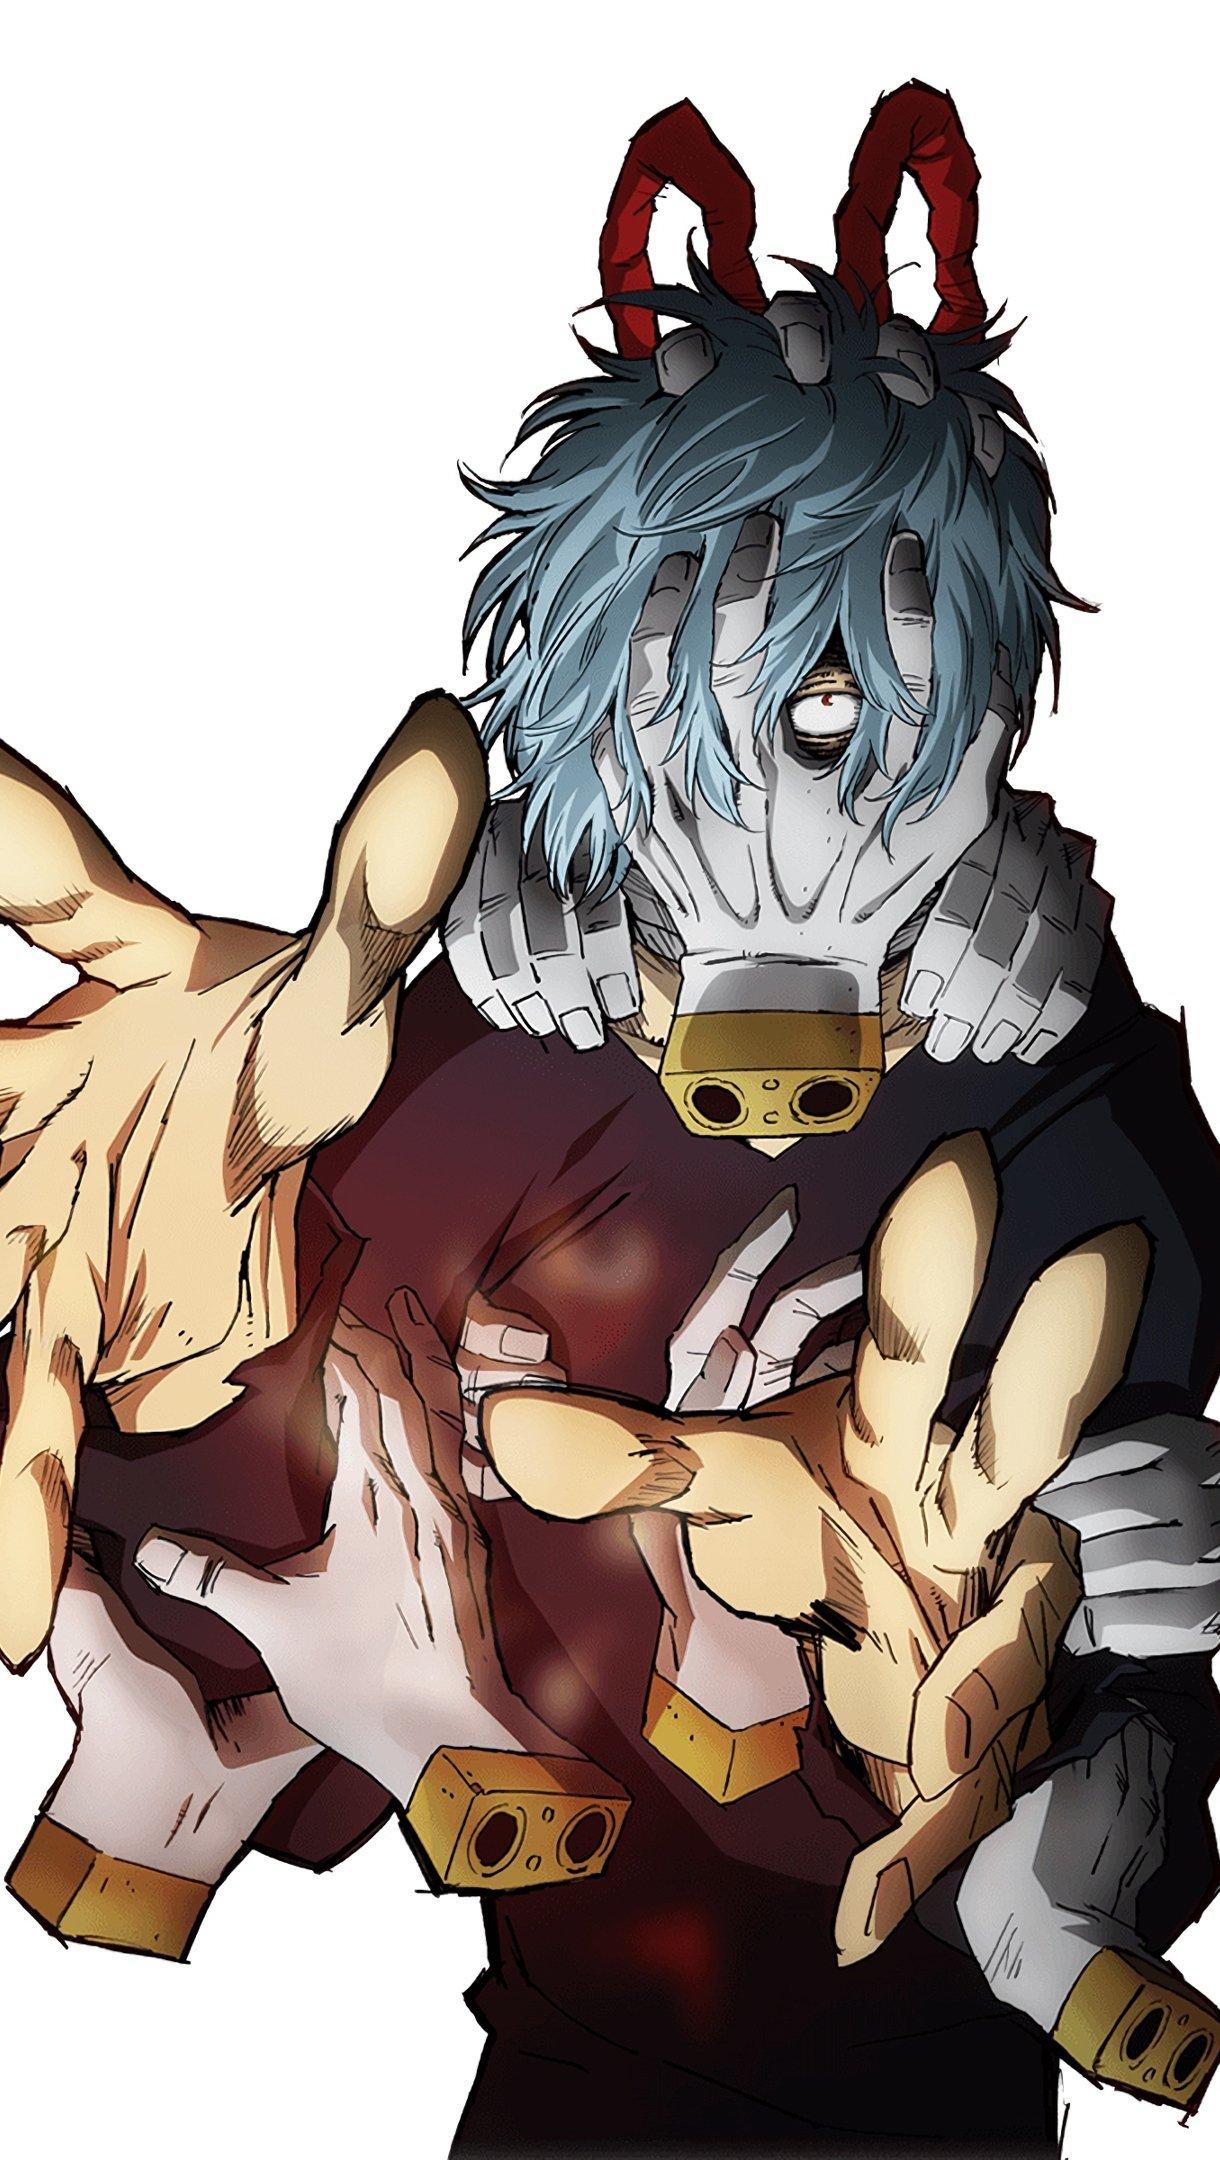 Fondos de pantalla Anime Tomura Shigaraki My Hero Academia Vertical